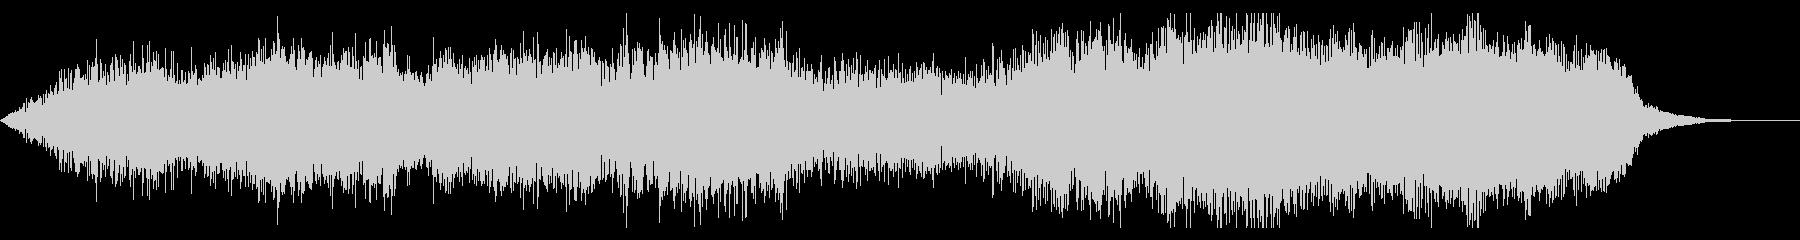 ダークでシネマチックなジングルの未再生の波形